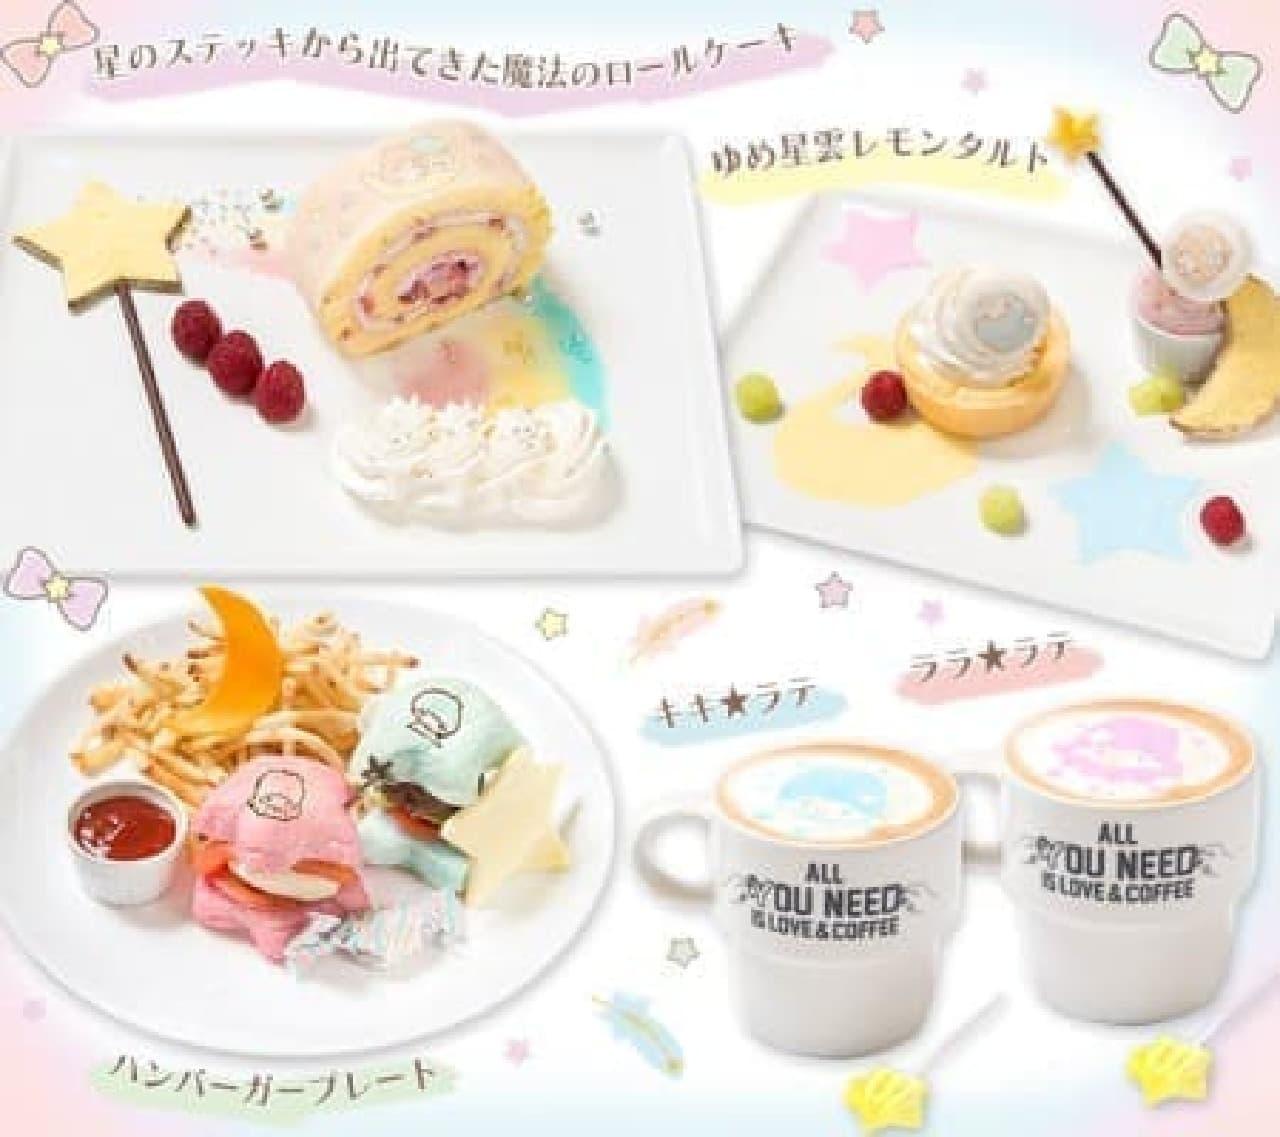 「キキ&ララカフェ」が関東に上陸!